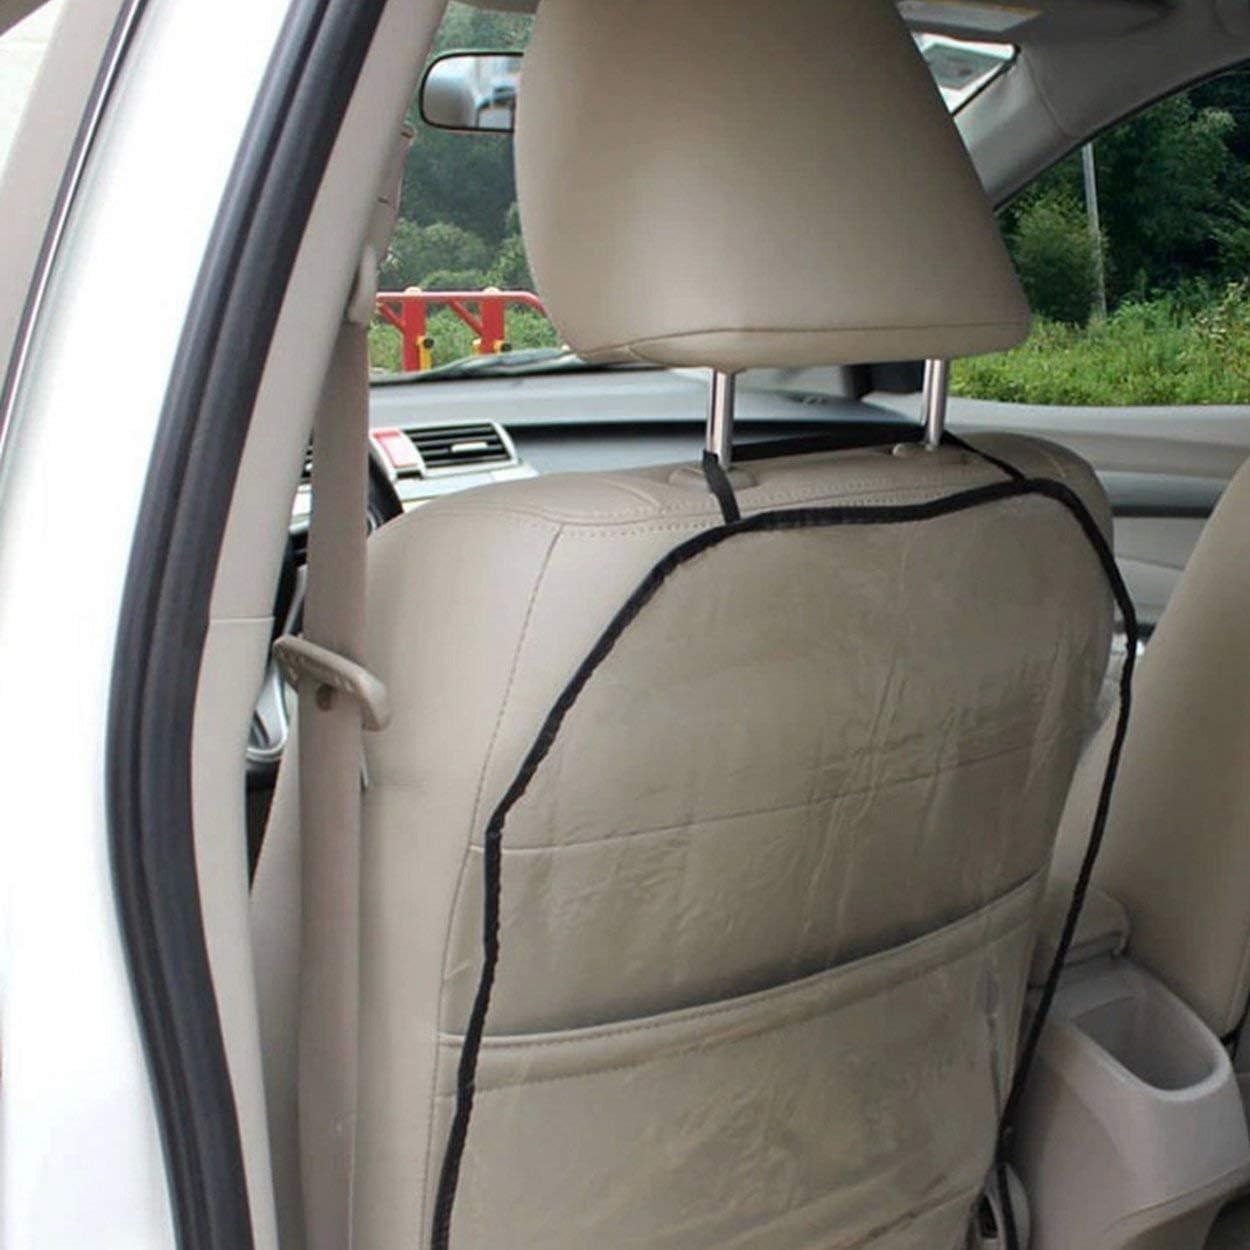 Protectores universales de la cubierta trasera del asiento de autom/óvil para ni/ños Proteja la parte posterior de las fundas de los asientos autom/áticos para beb/é de Mud Dirt negro